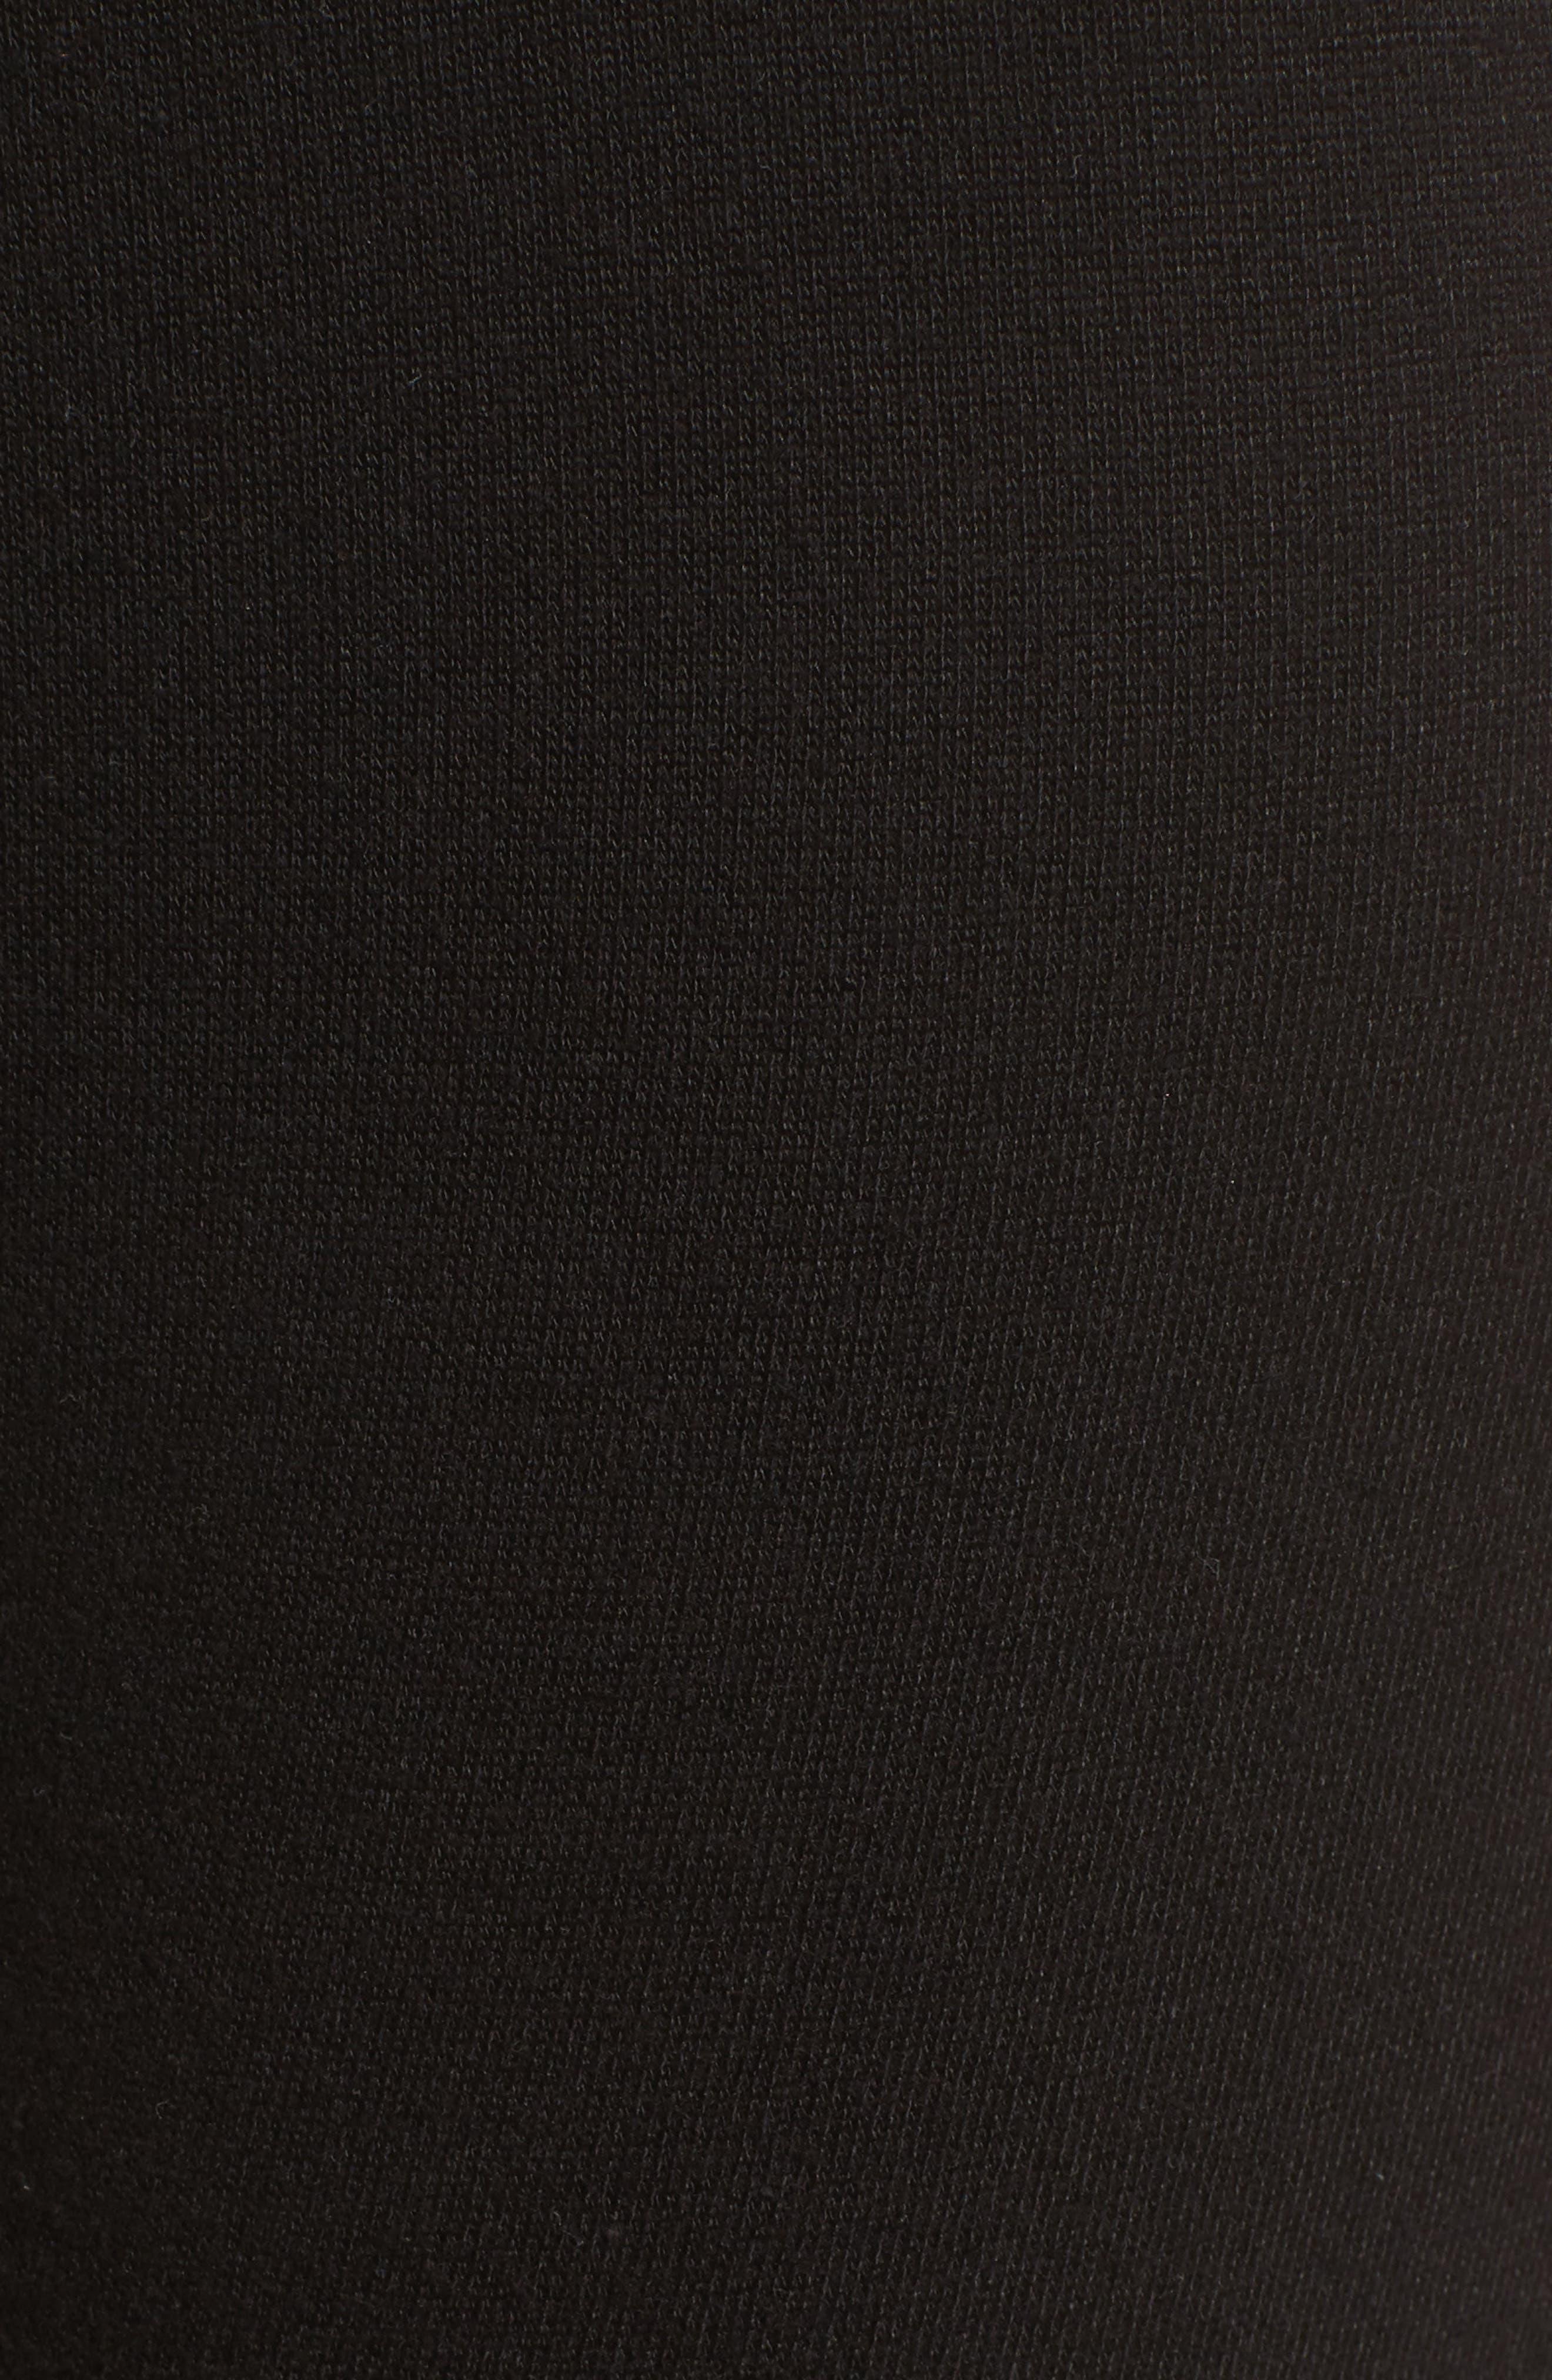 Tracker Jogger Pants,                             Alternate thumbnail 6, color,                             Black Cat